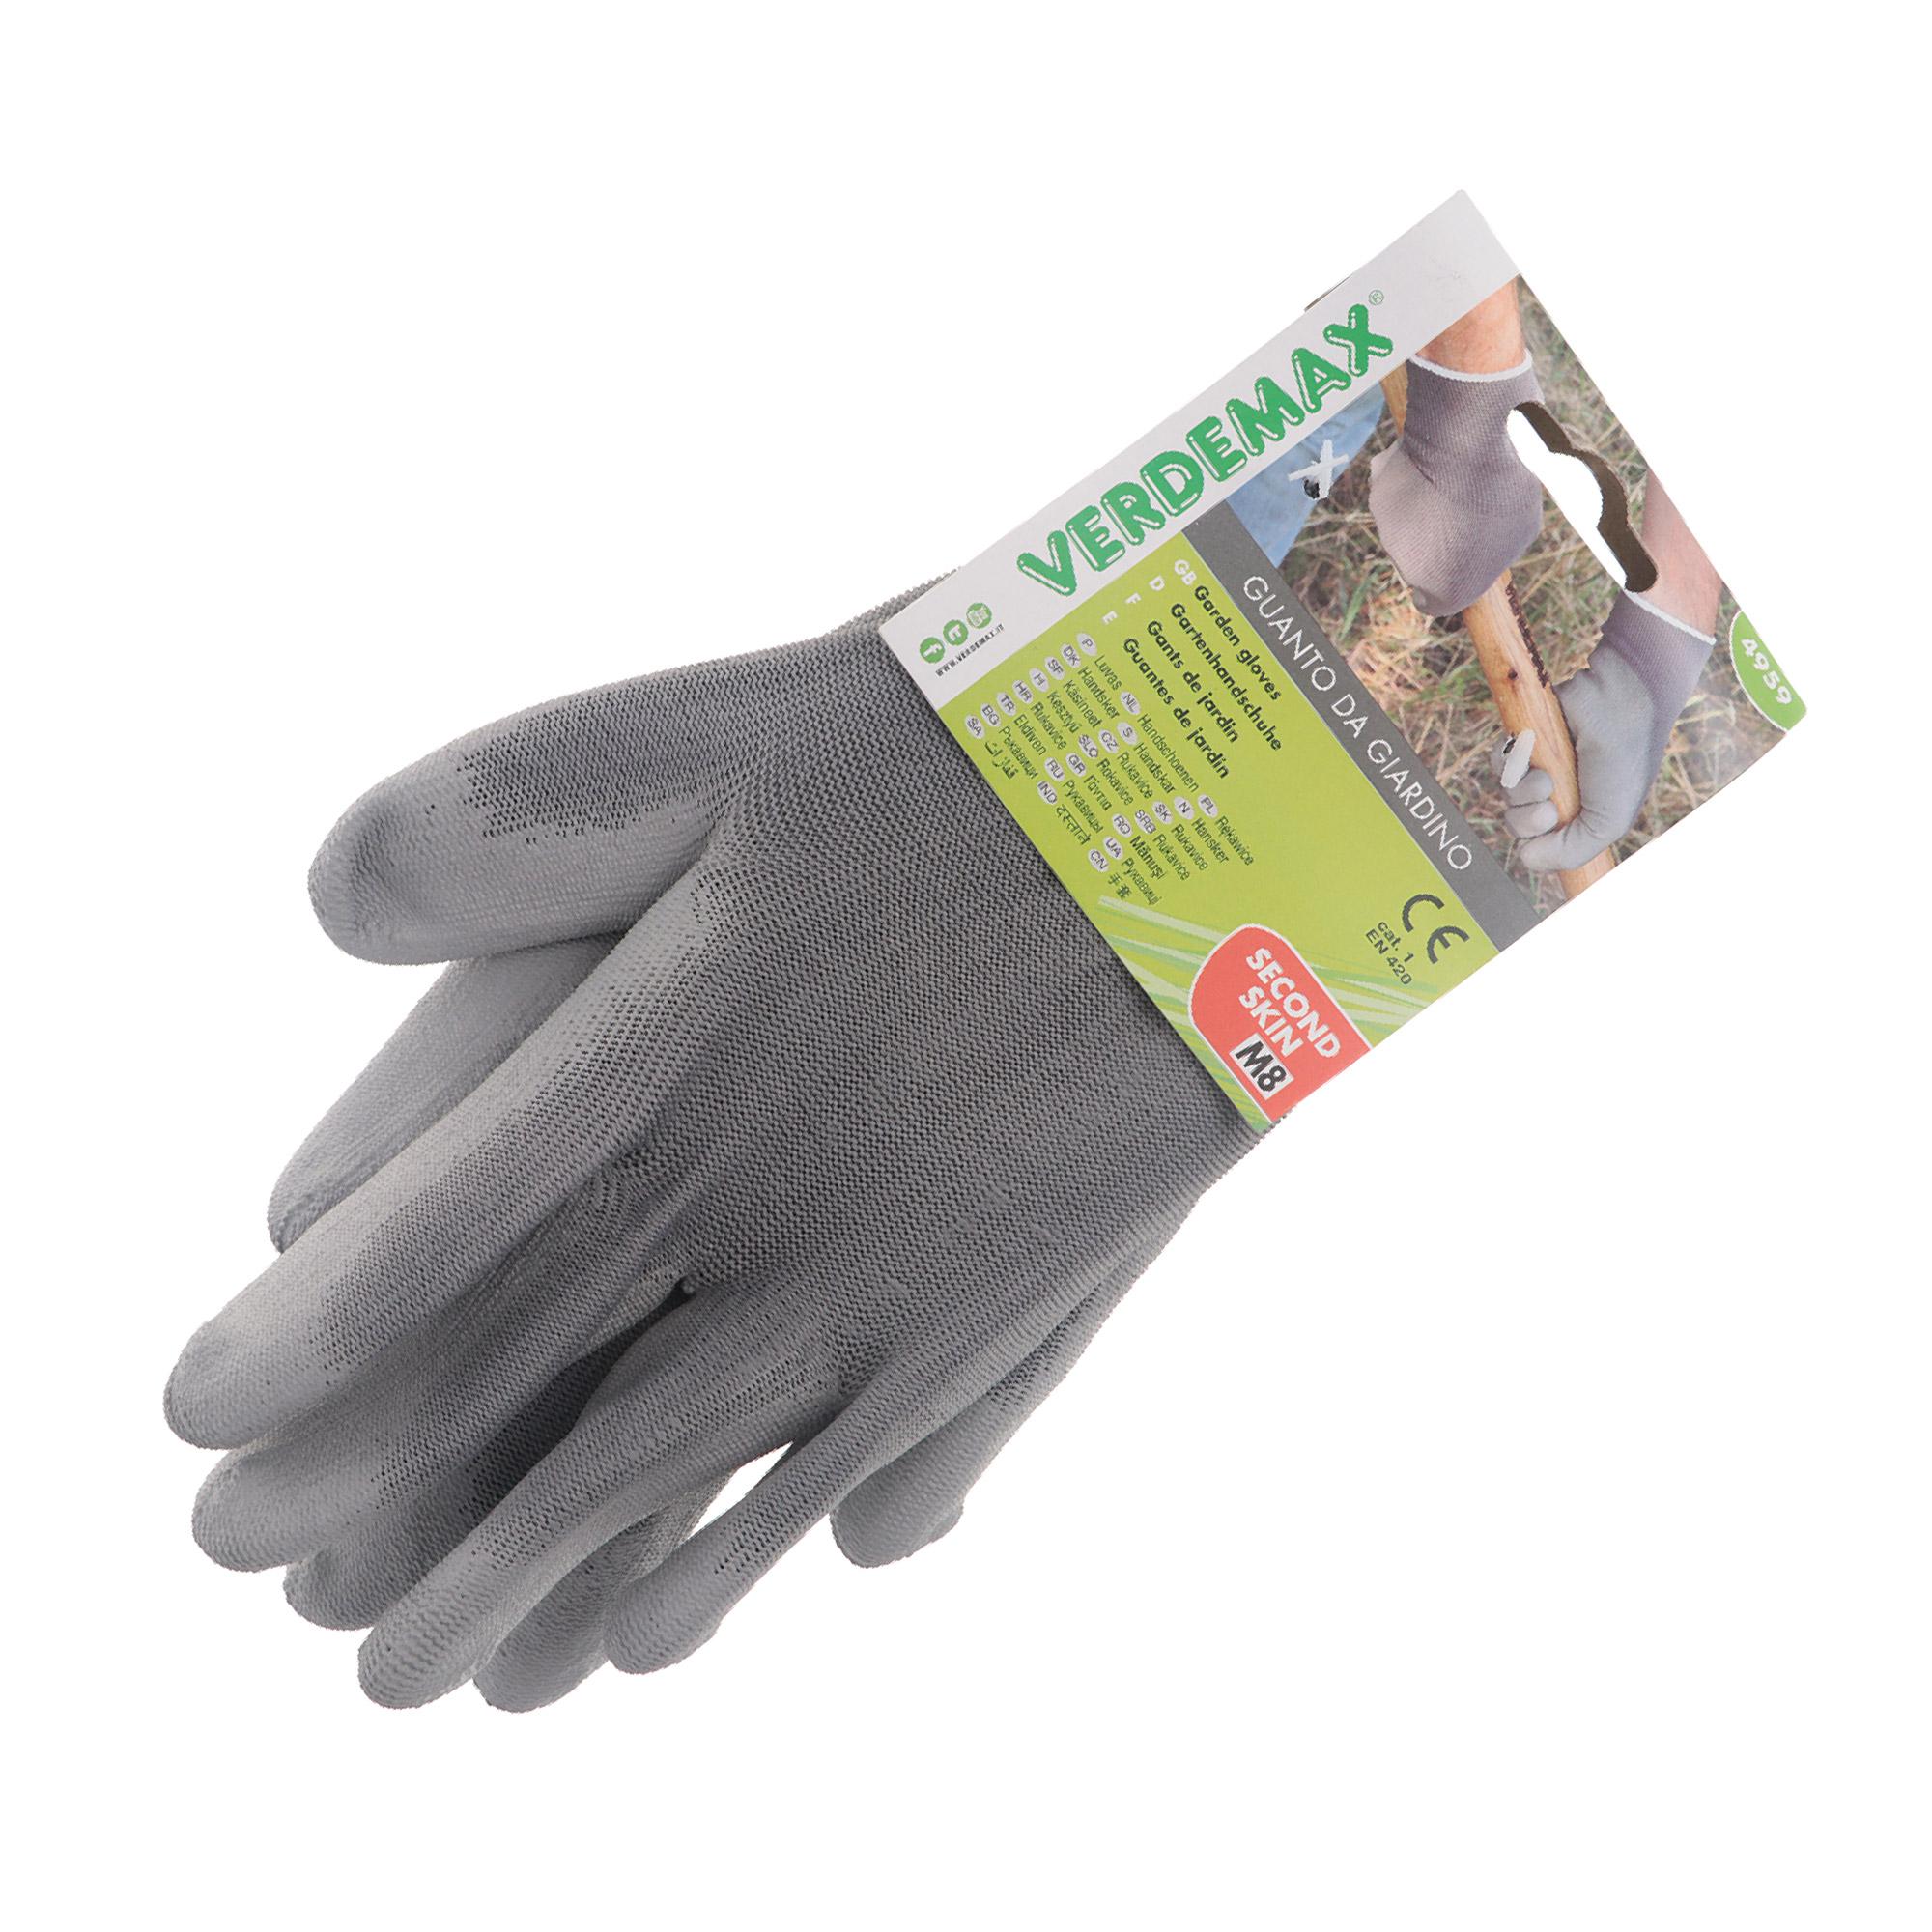 Фото - Перчатки садовые Verdemax серые L перчатки садовые verdemax серо зеленые m